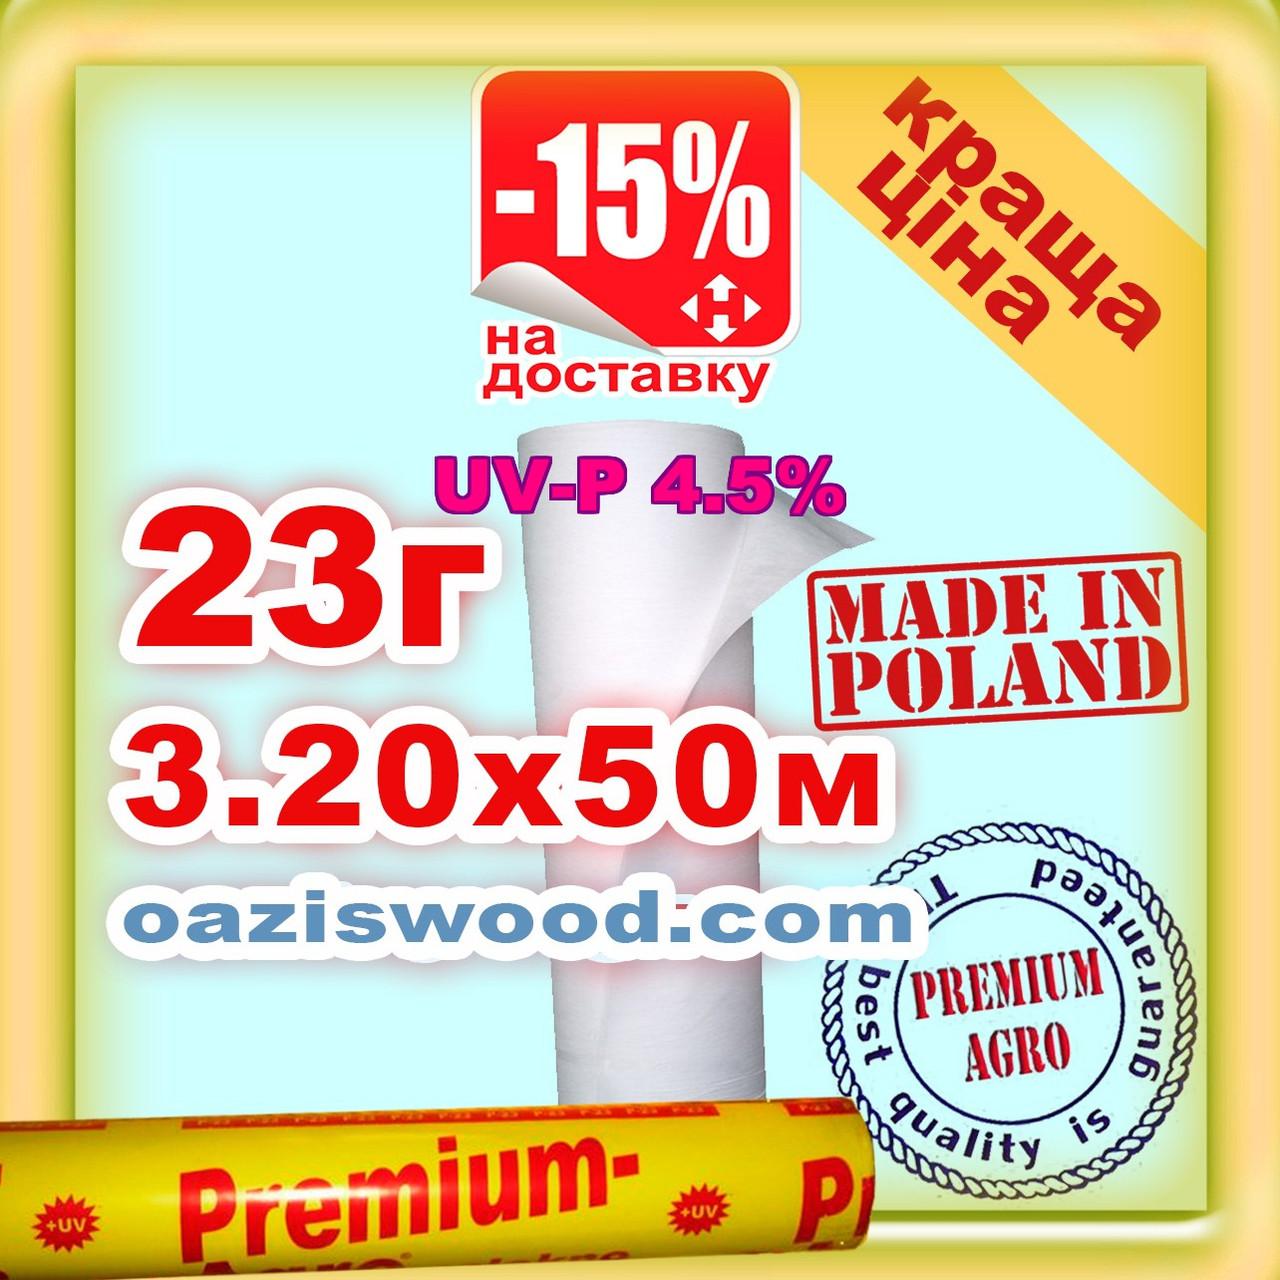 Агроволокно р-23g 3.2*50м белое UV-P 4.5% Premium-Agro Польша